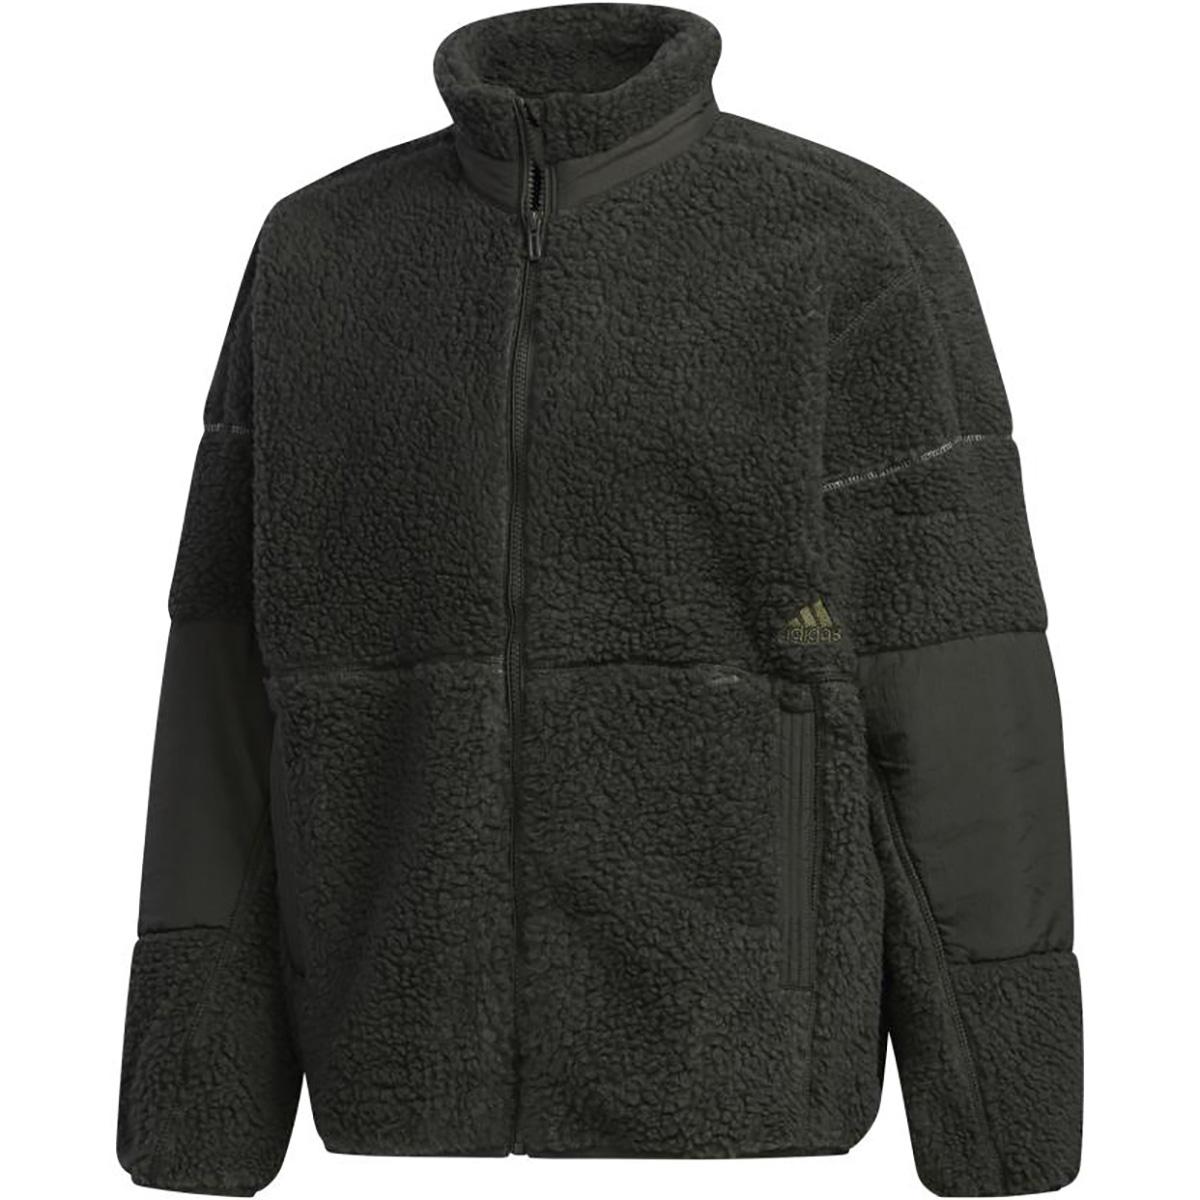 S2S ボアジャケット